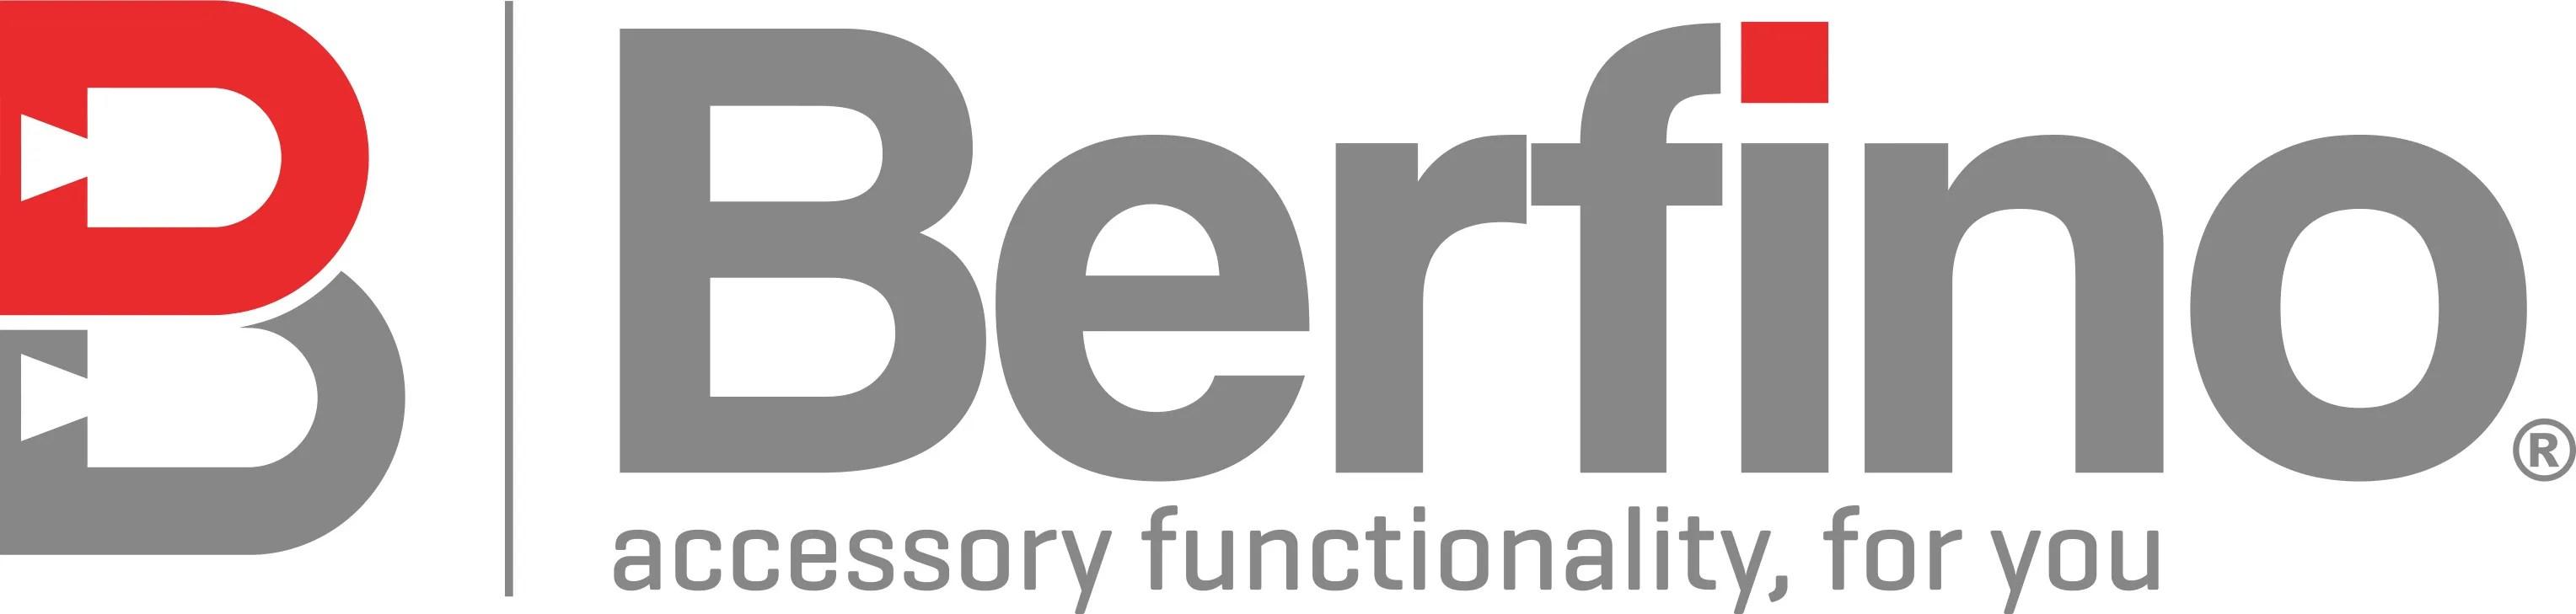 berfino_logo1